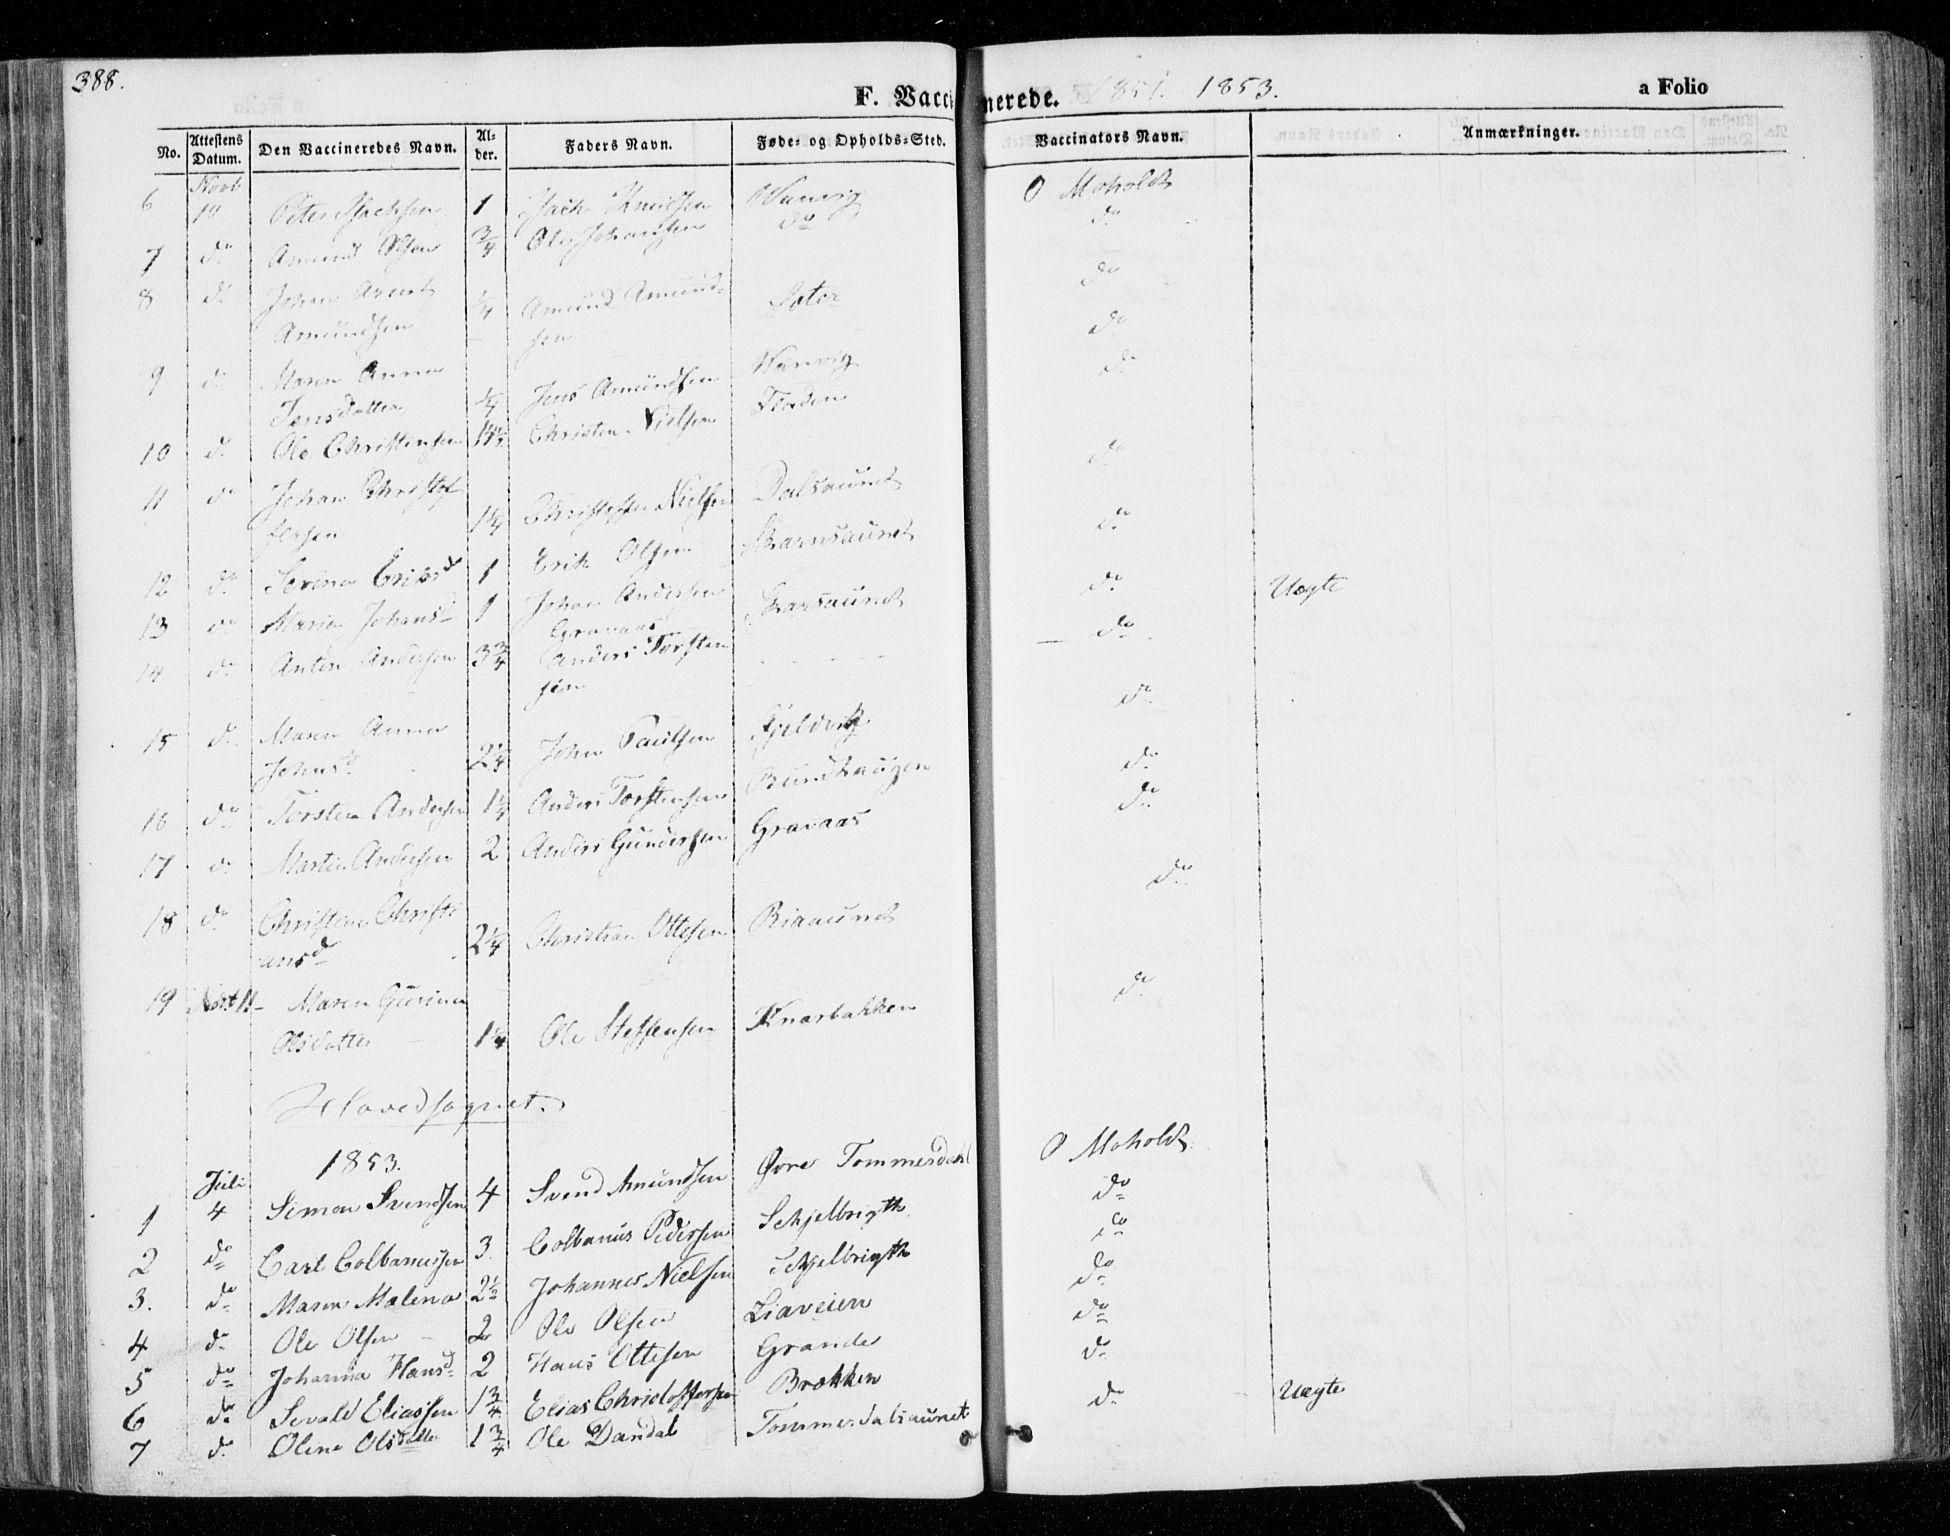 SAT, Ministerialprotokoller, klokkerbøker og fødselsregistre - Nord-Trøndelag, 701/L0007: Parish register (official) no. 701A07 /1, 1842-1854, p. 388